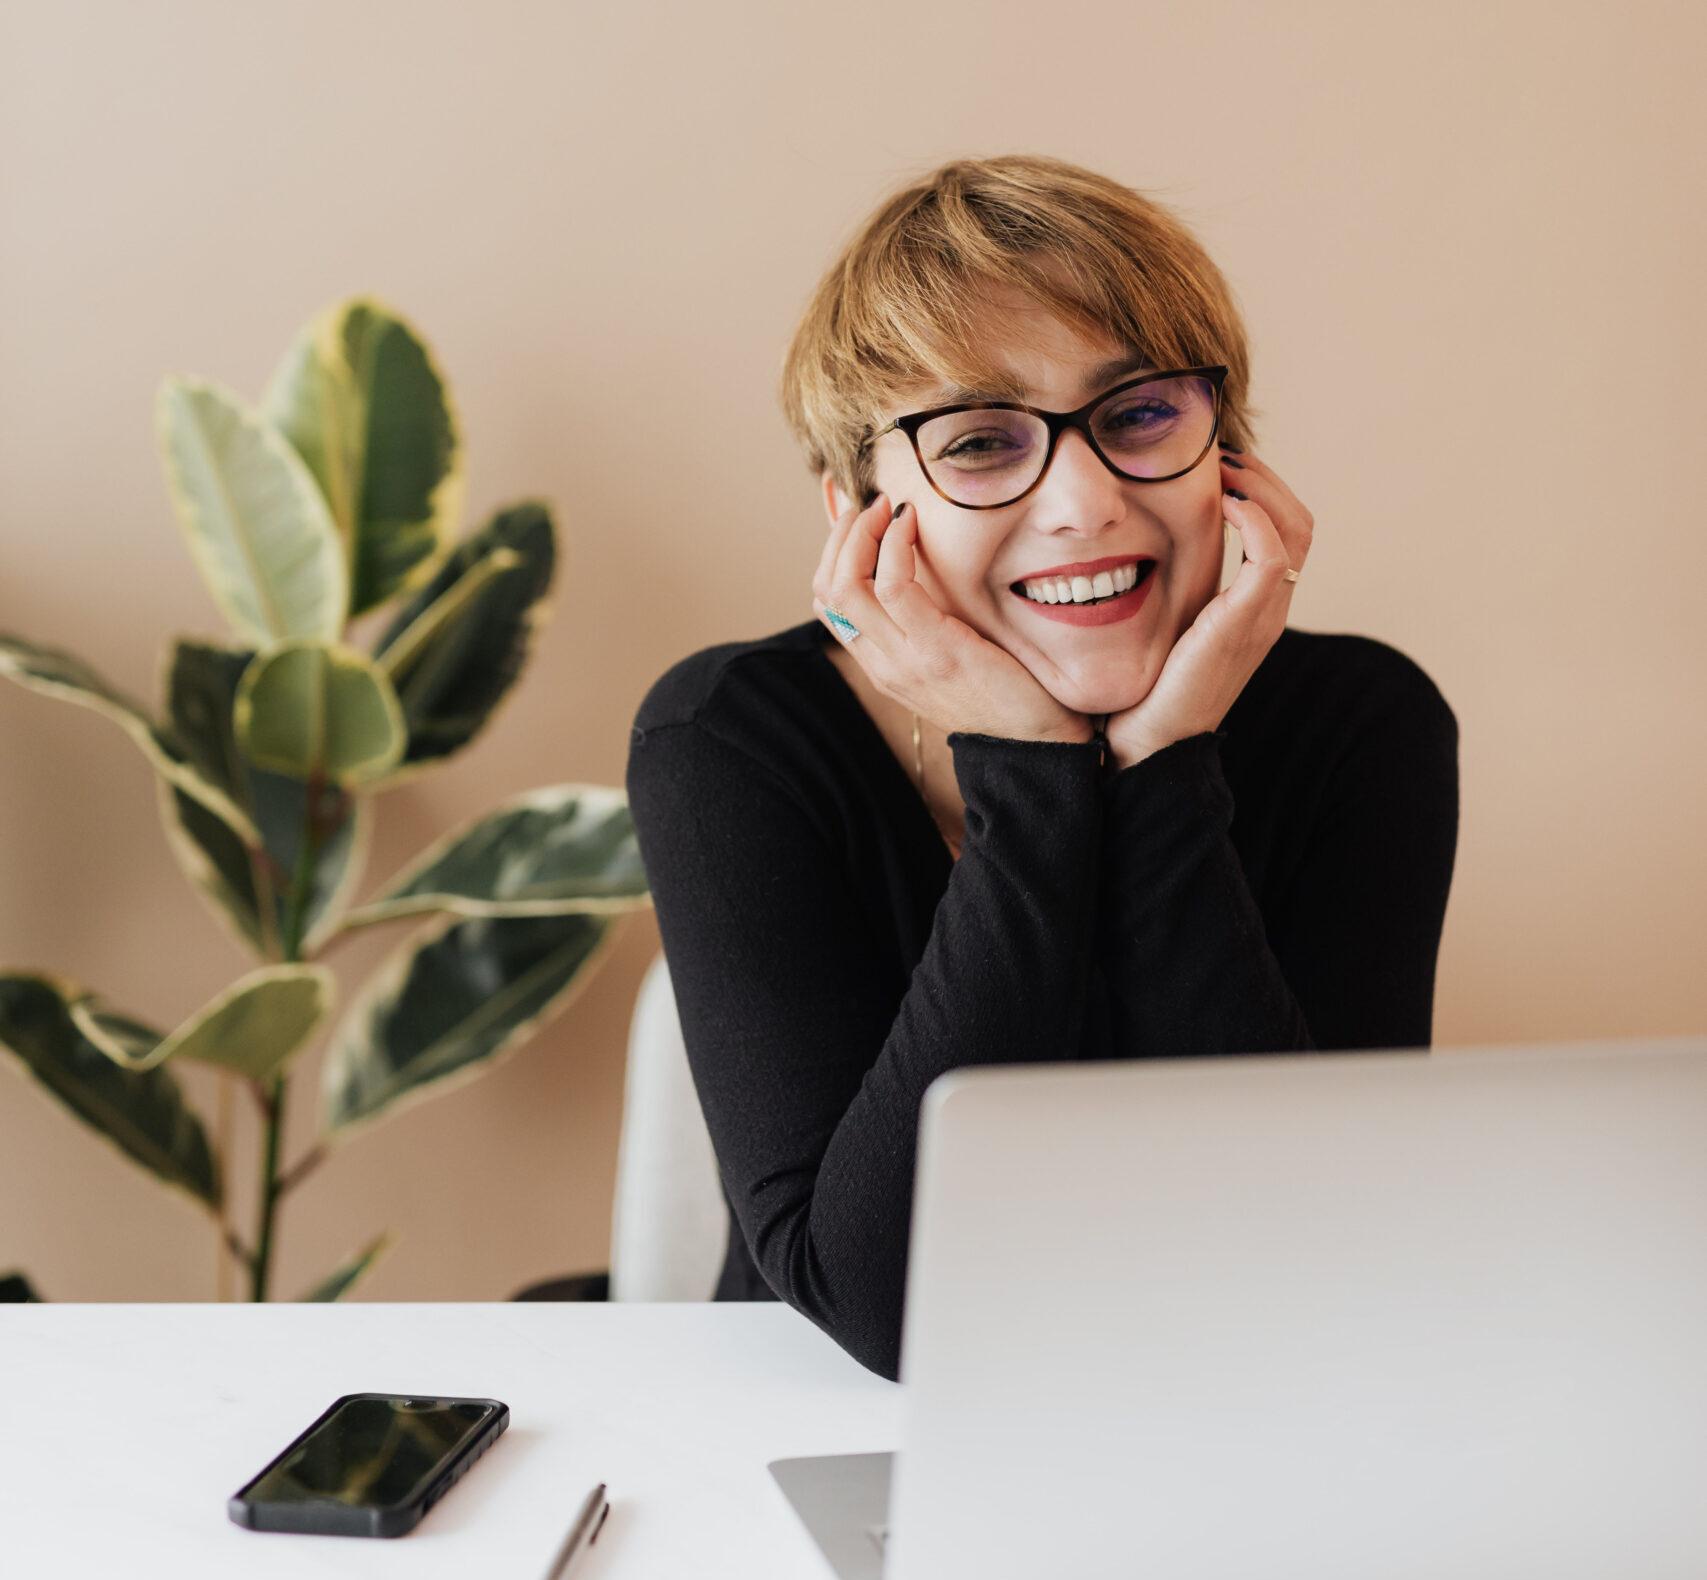 Ortodonzia: Ecco le risposte alle vostre domande!